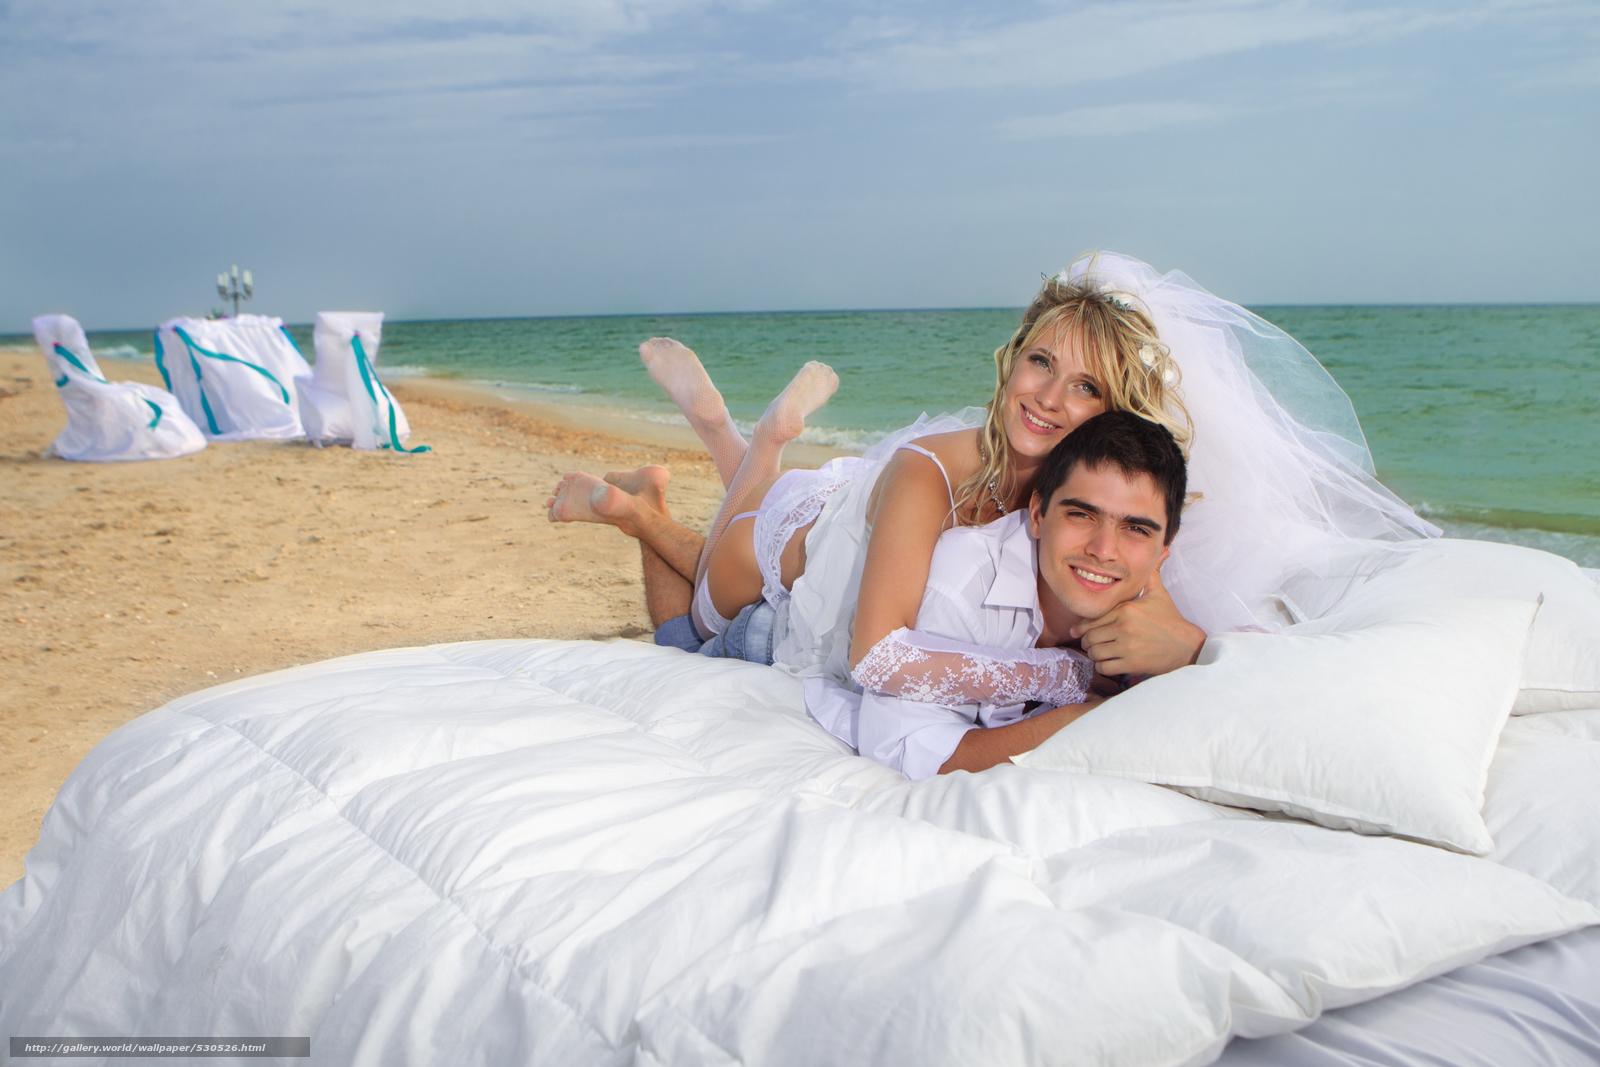 Скачать обои невеста,  море,  пара,  жених бесплатно для рабочего стола в разрешении 4728x3152 — картинка №530526